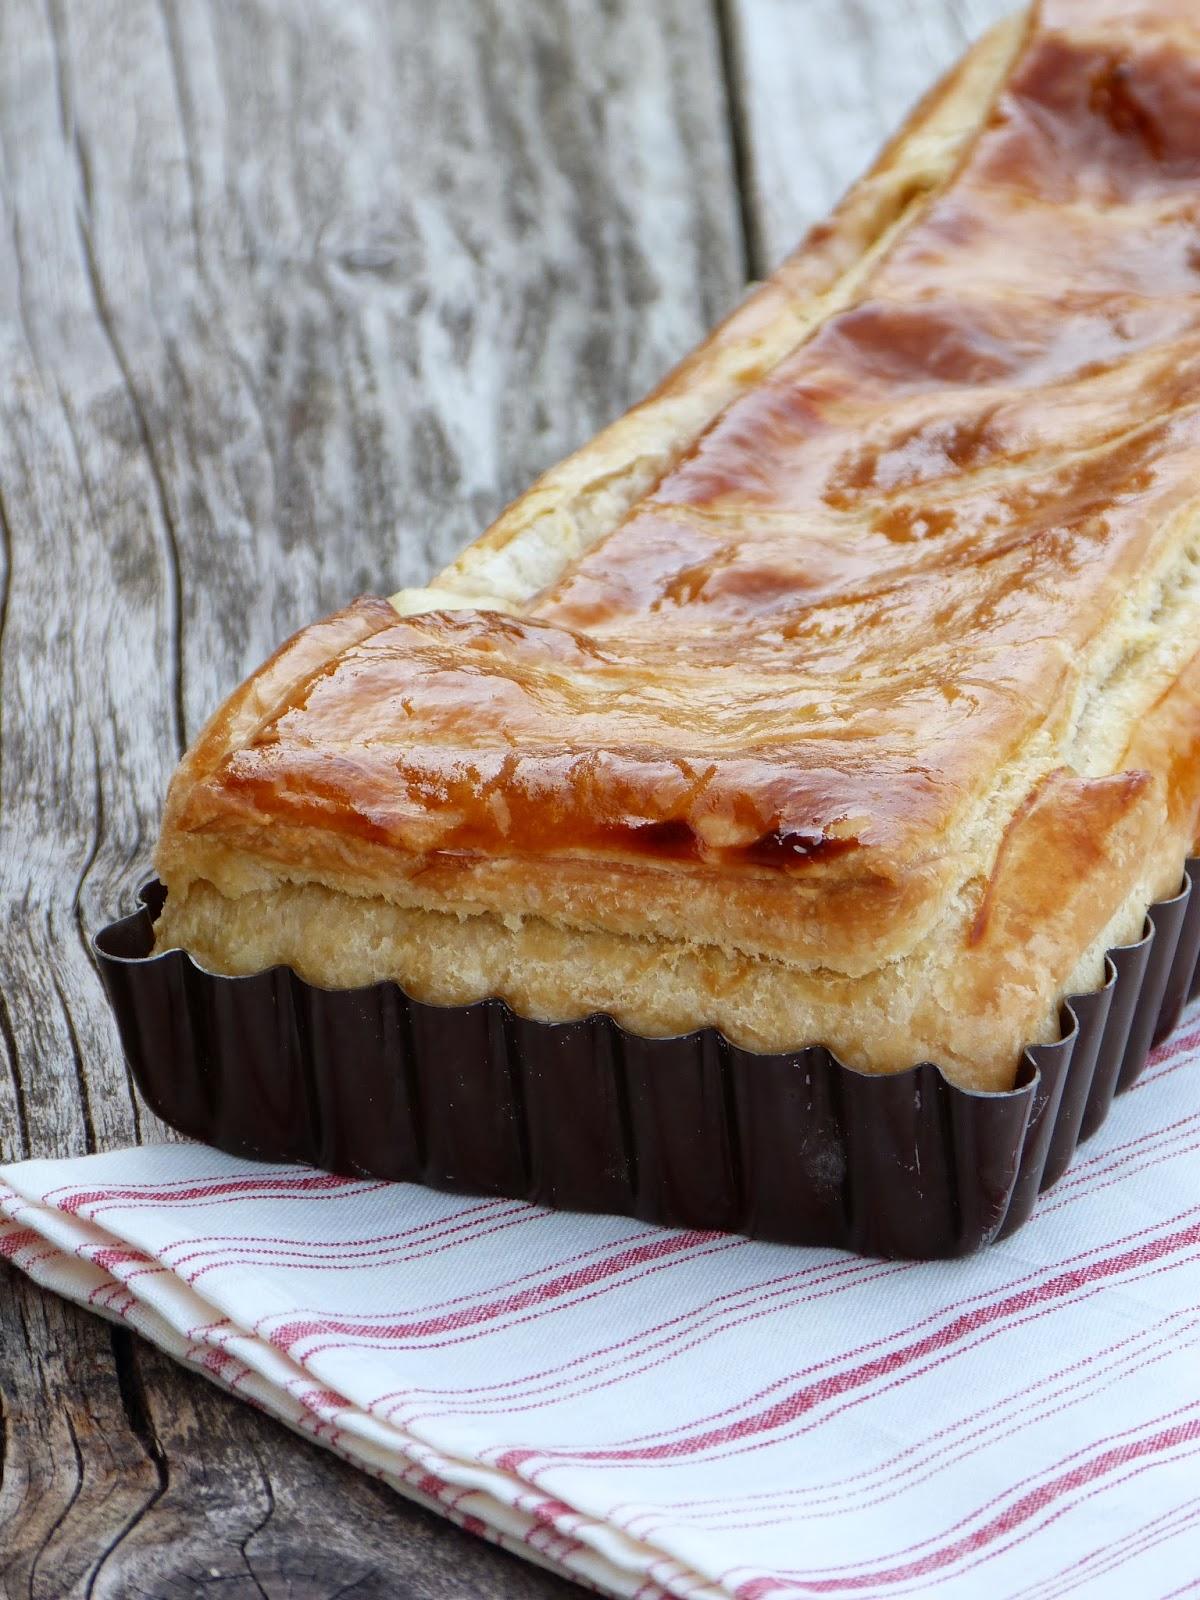 chic chic chocolat feuillantine comtoise feuillet au fromage et au jambon. Black Bedroom Furniture Sets. Home Design Ideas